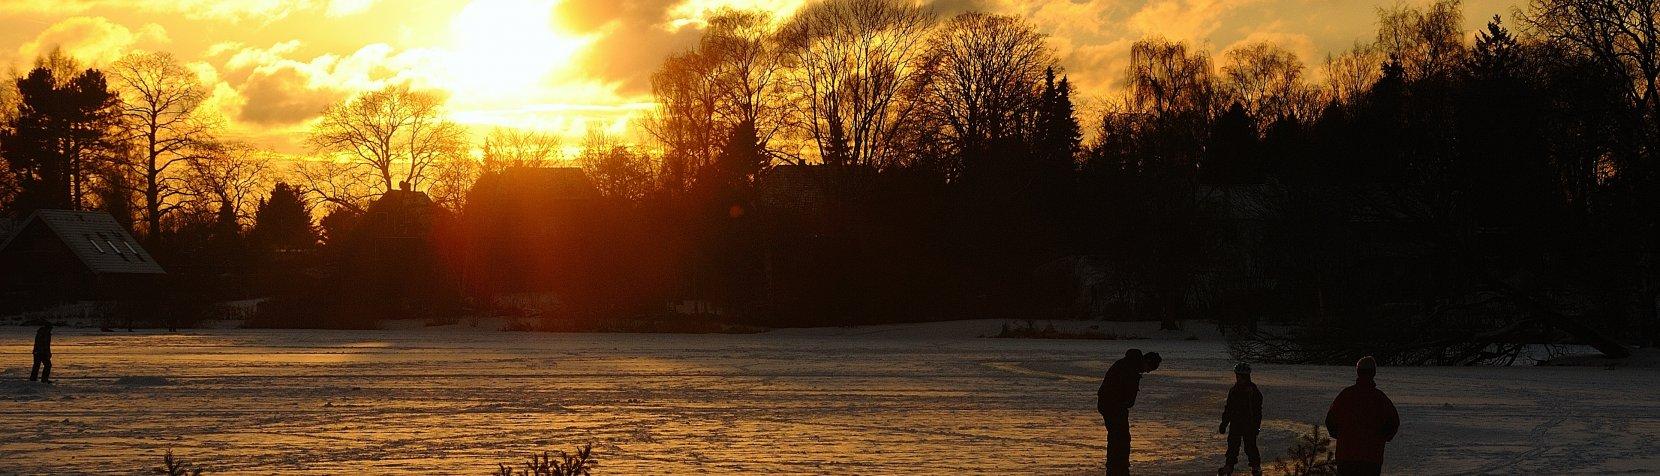 Birkerød Sø - en vinteraften - foto: Jess Kimmerslev